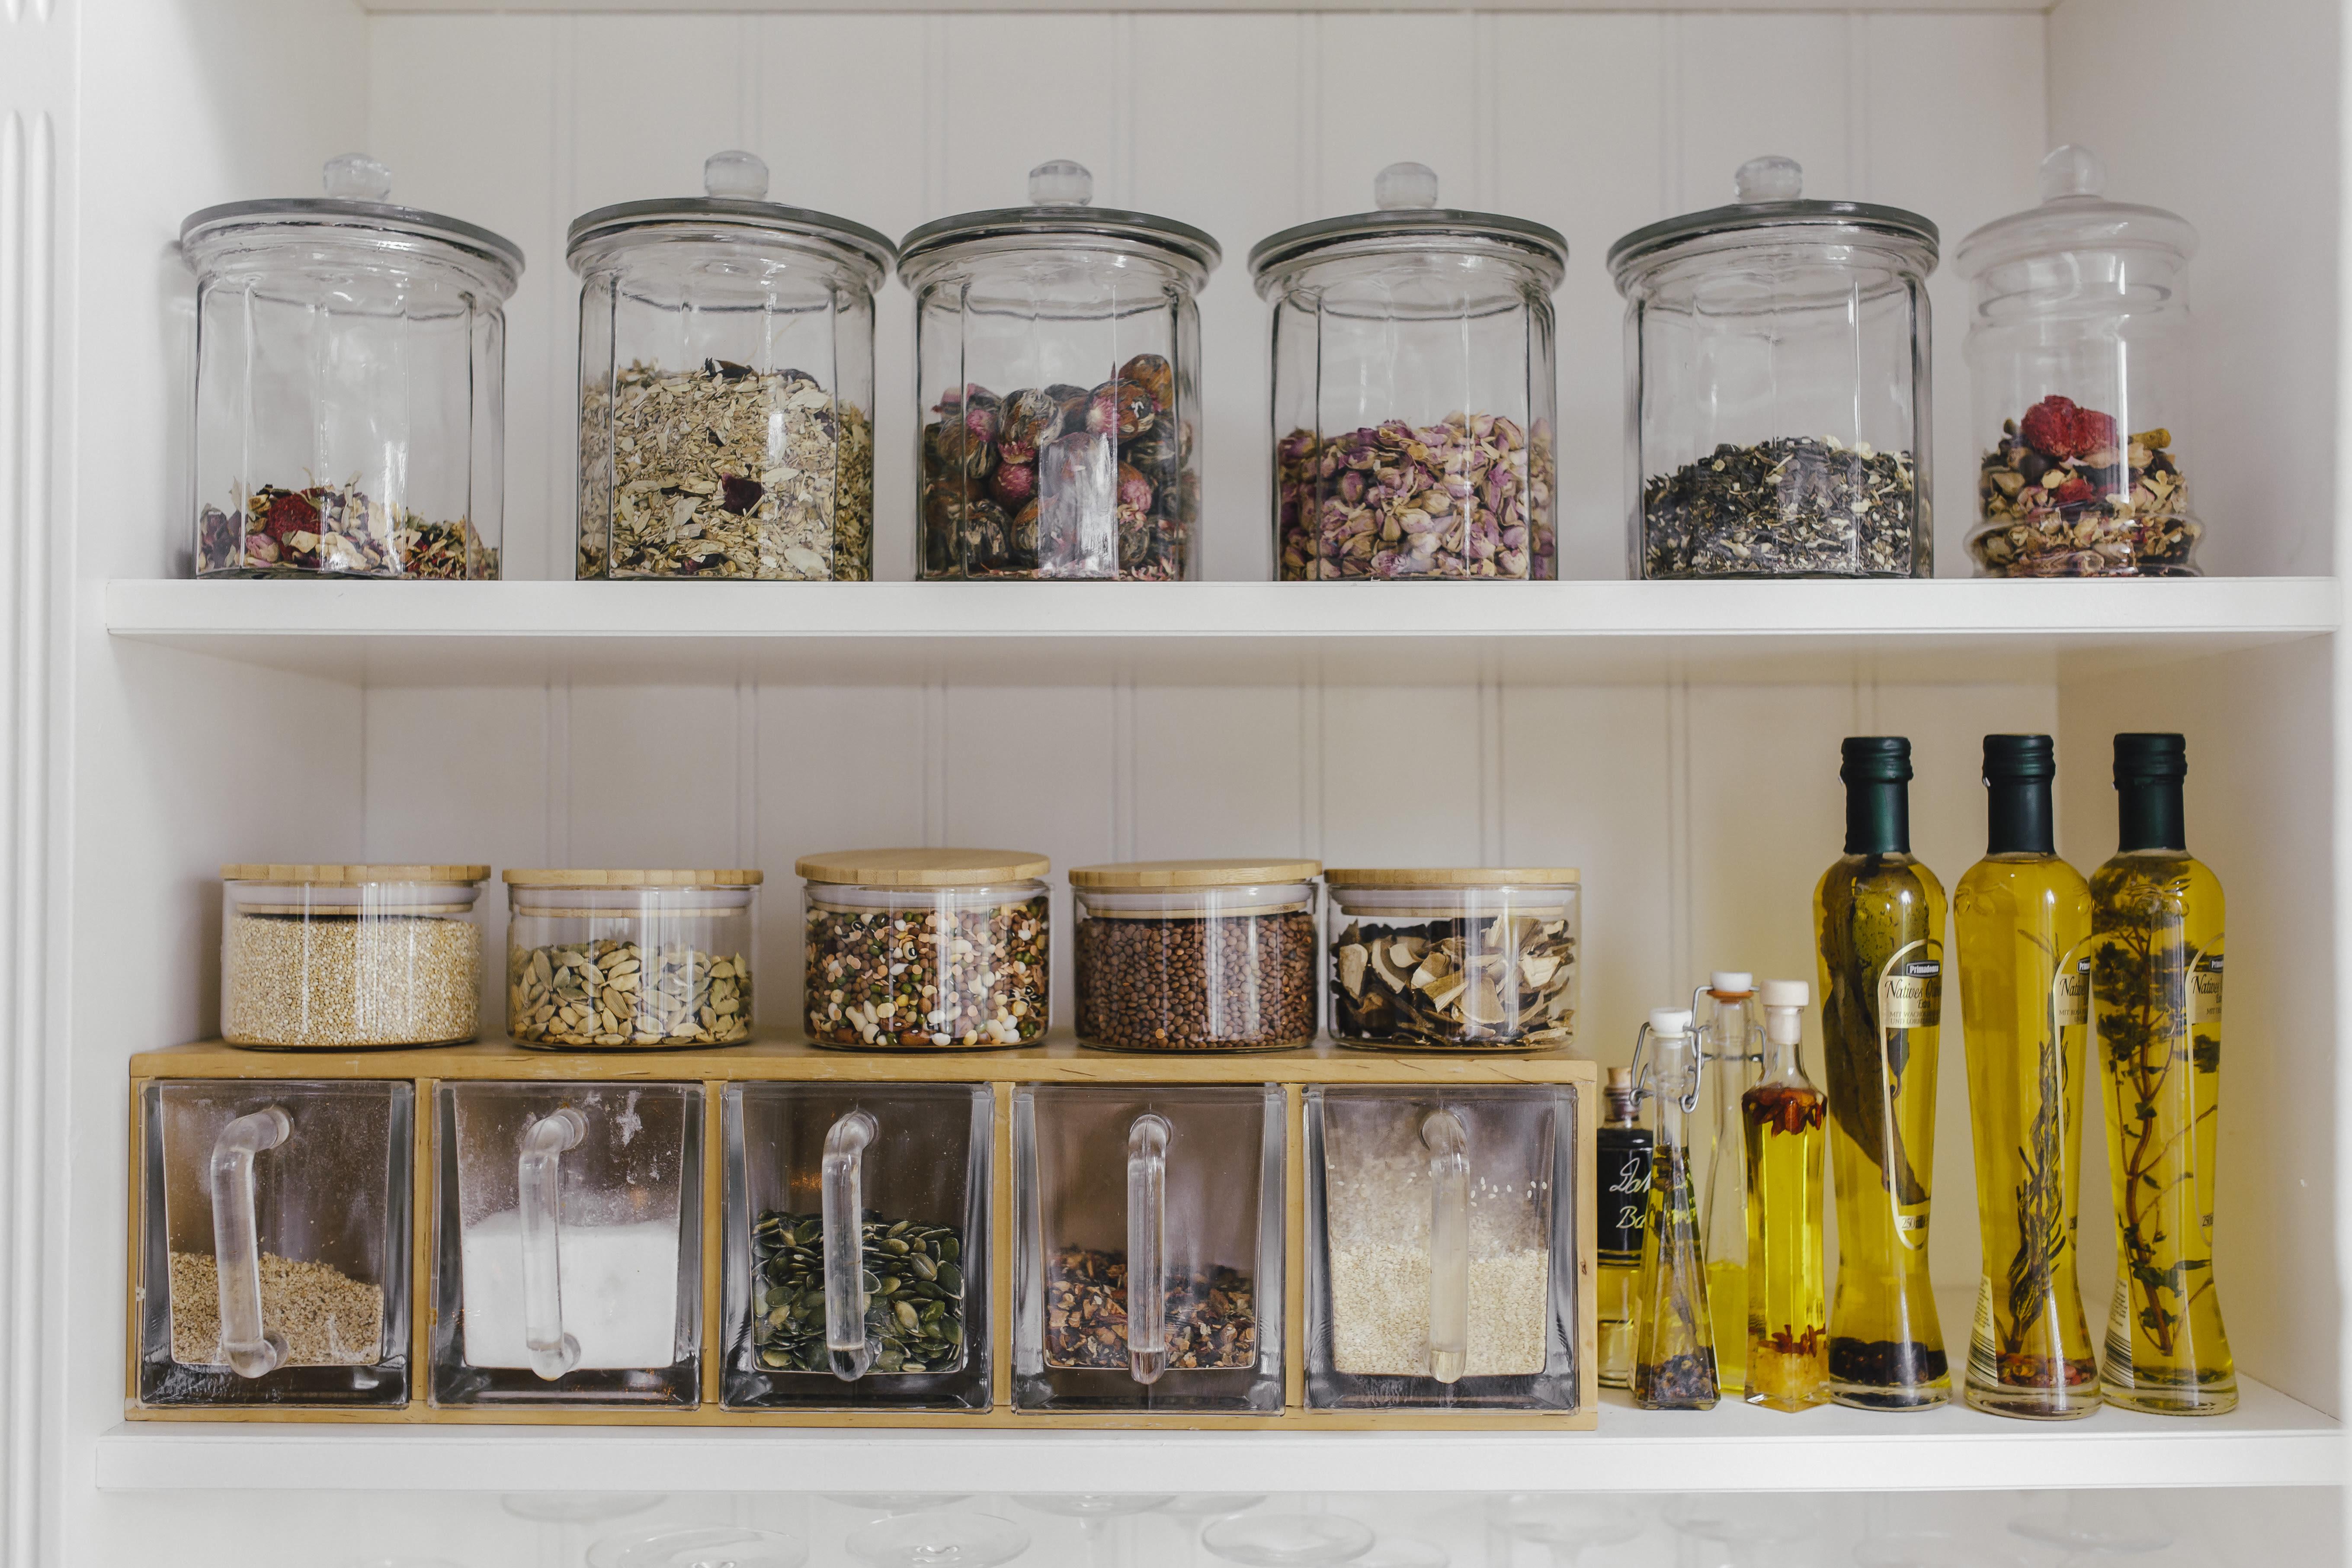 Küchen Makeover - Regal Inhalt